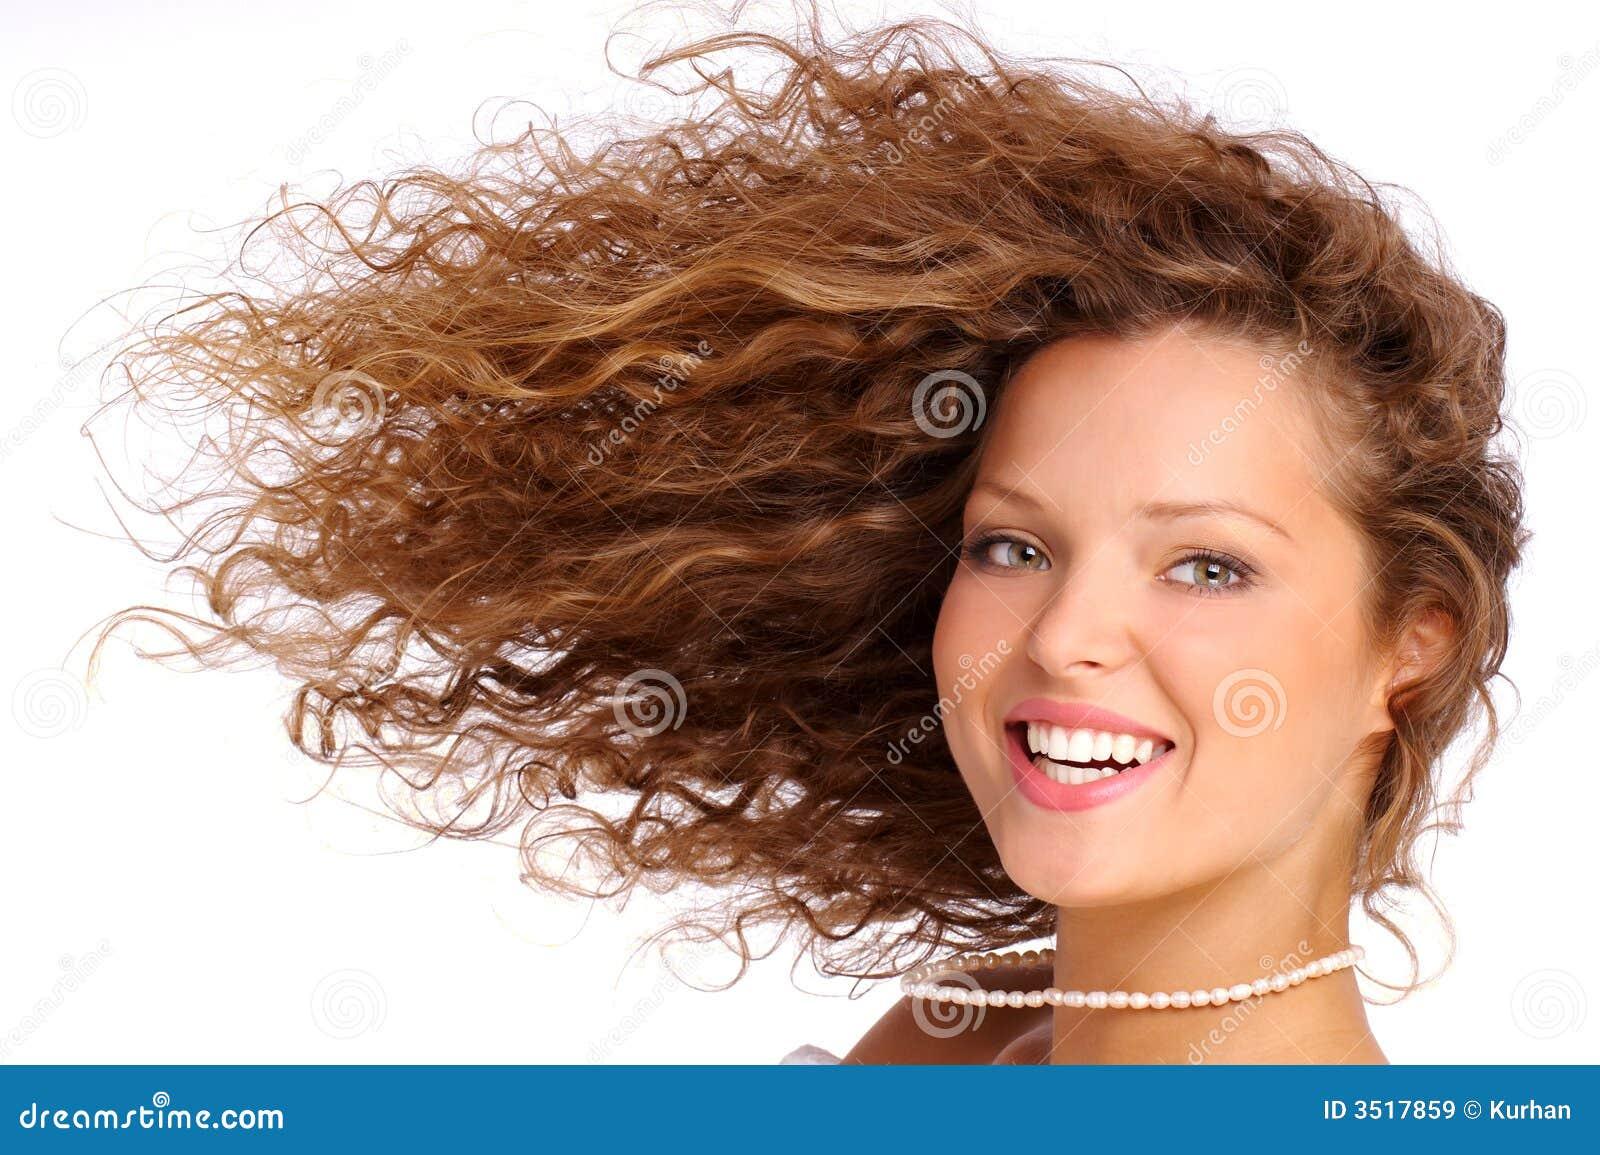 Сон длинные завитые волосы